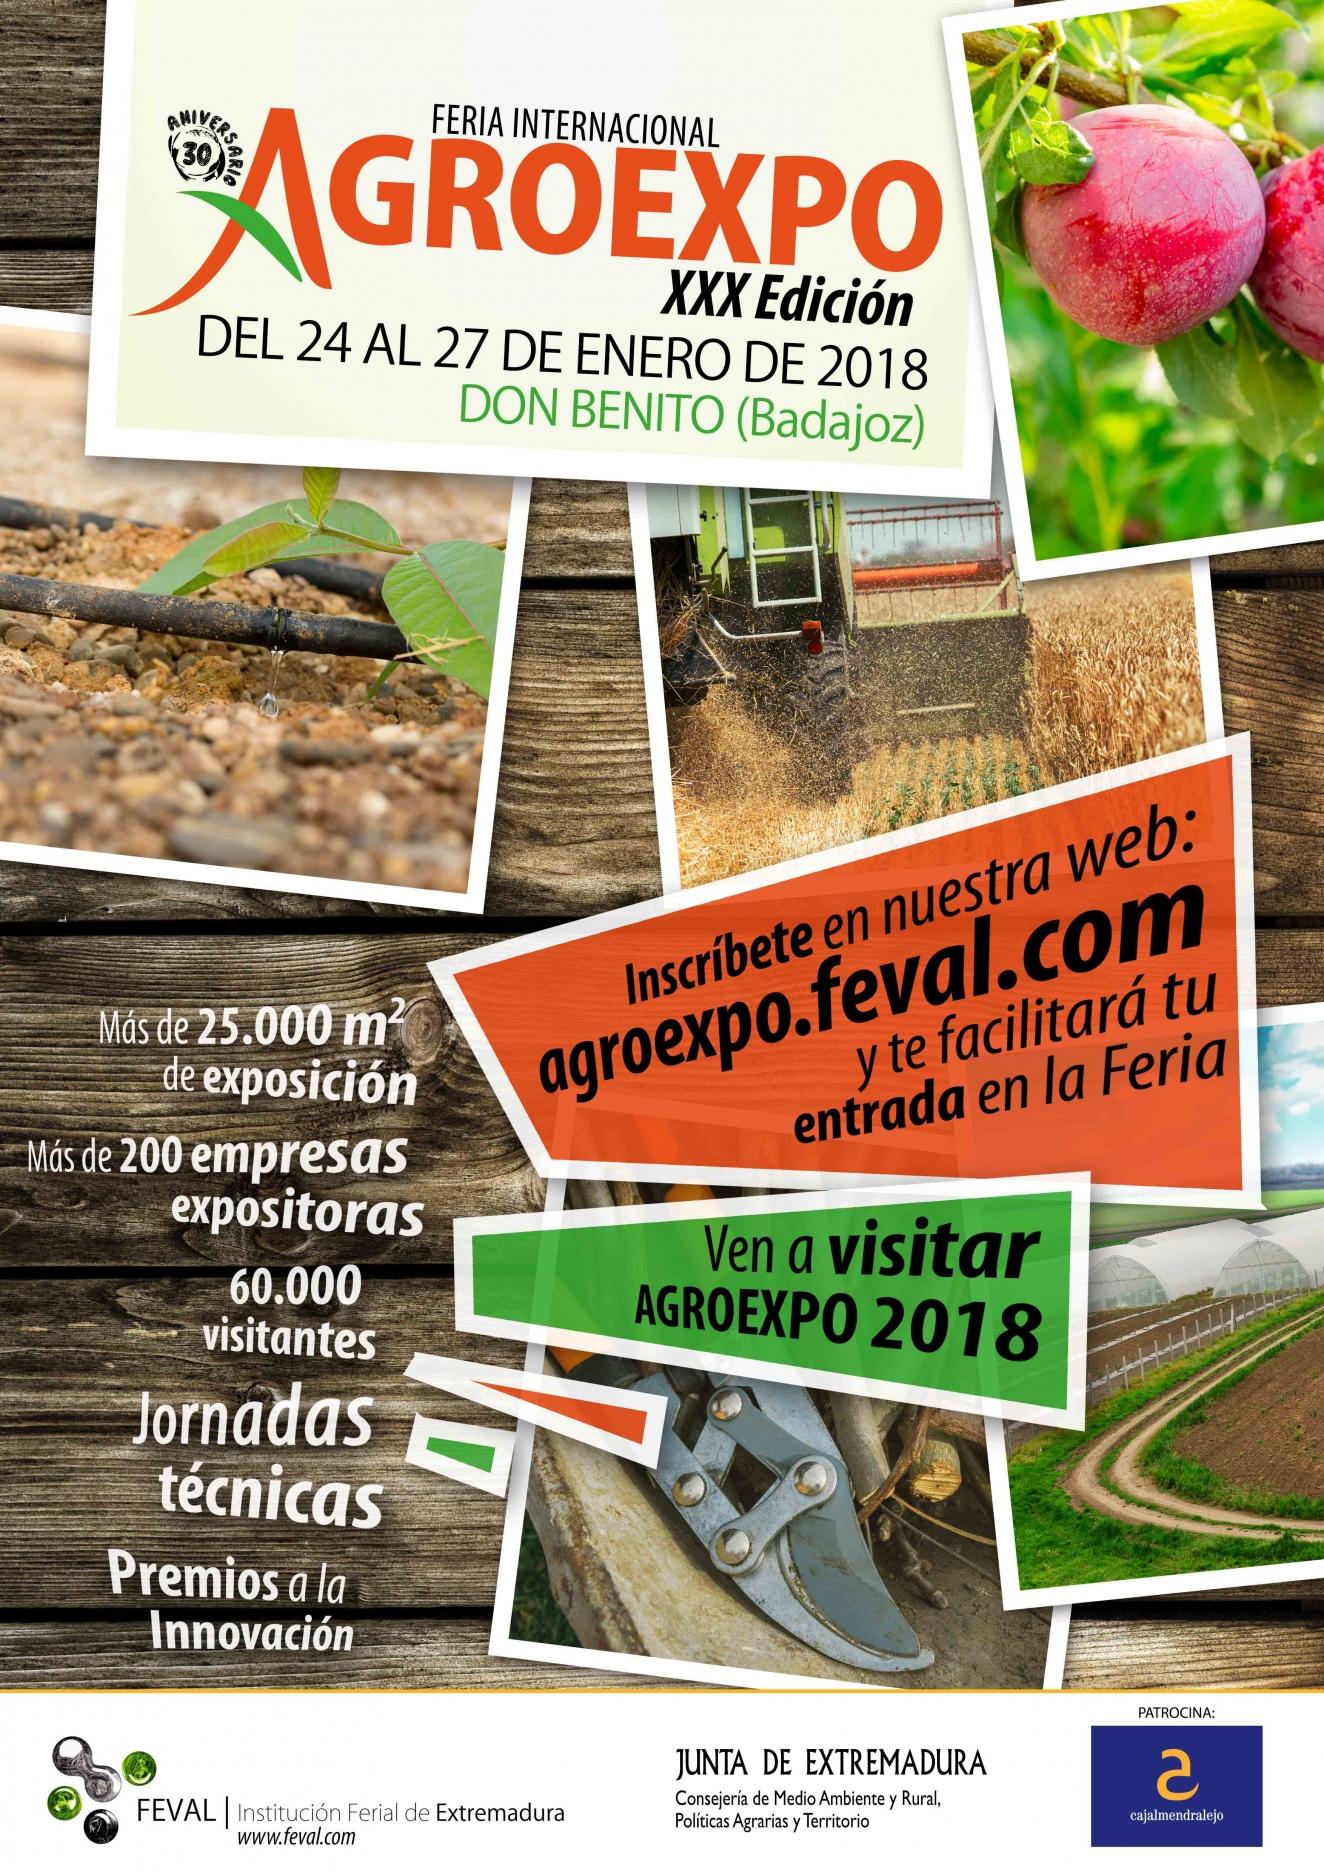 XXX Feria Internacional Agroexpo